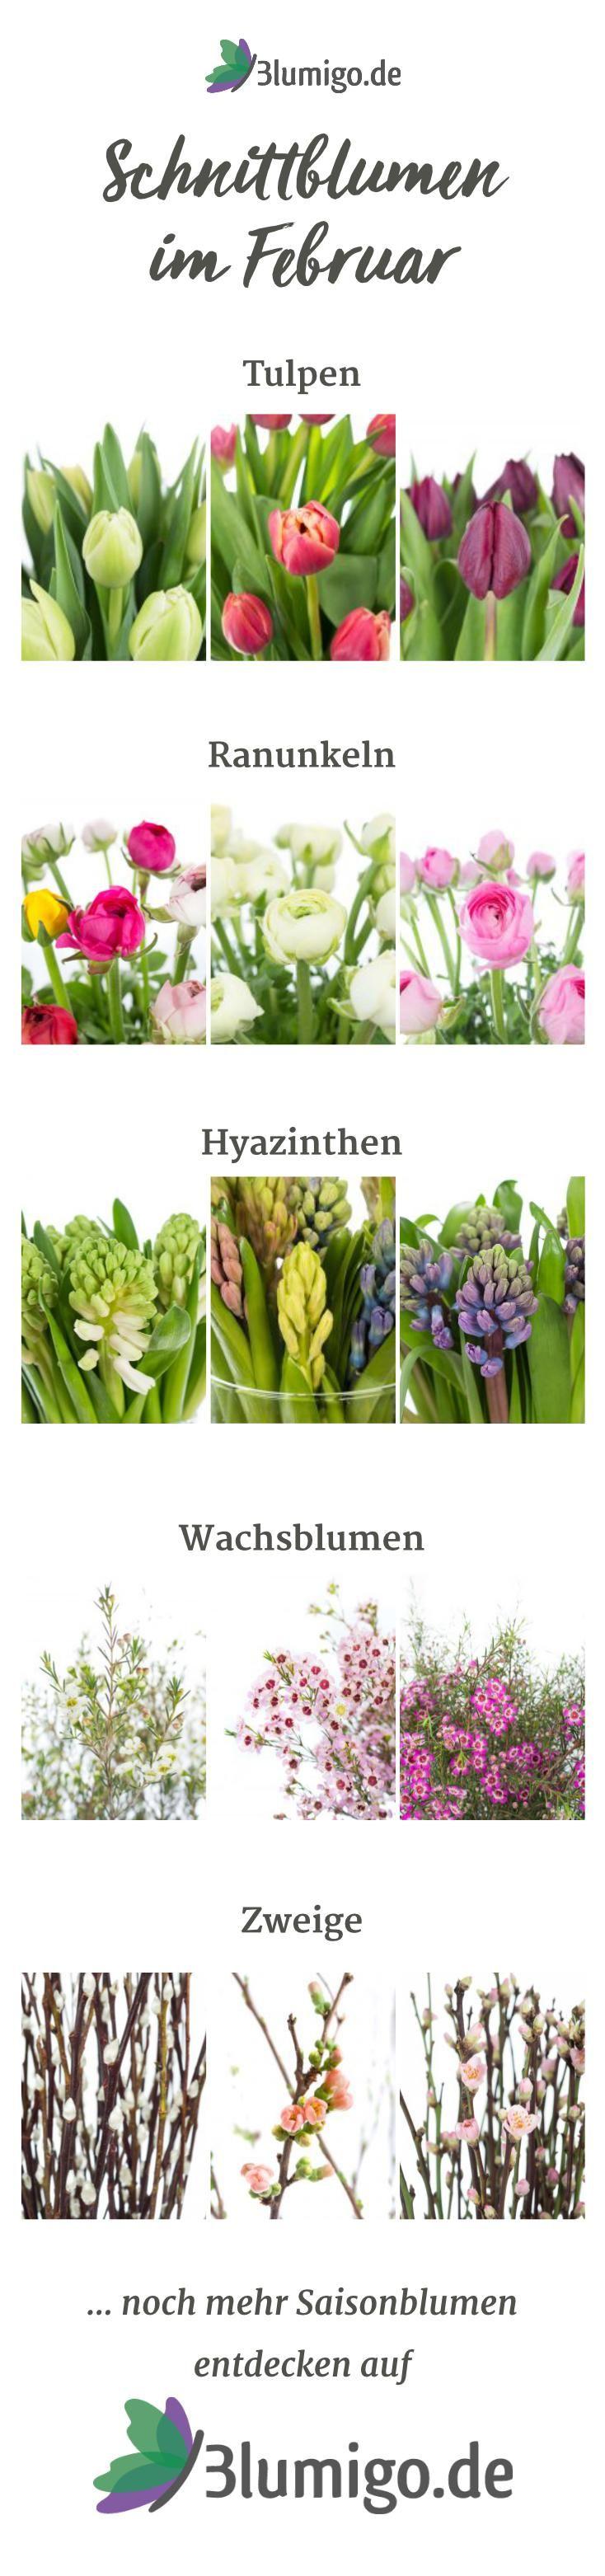 Welche Blumen haben im Februar Saison? Mit der gezielten Auswahl an Saisonblumen kann man sich einiges an Geld für die Blumendeko sparen, da Blumen in ihrer jeweiligen Hauptsaison besonders günstig sind. Wir haben in unserem Saisonkalender die beliebtesten Sorten für den Monat Februar zusammengestellt. #schnittblumen #blumendekoration #floristik #tischdeko #blumenstrauß #brautstrauß #tischdekoration #hochzeitsdekoration #hochzeit #hochzeitsdeko #hochzeitsblumen  #winter #frühling #boho…